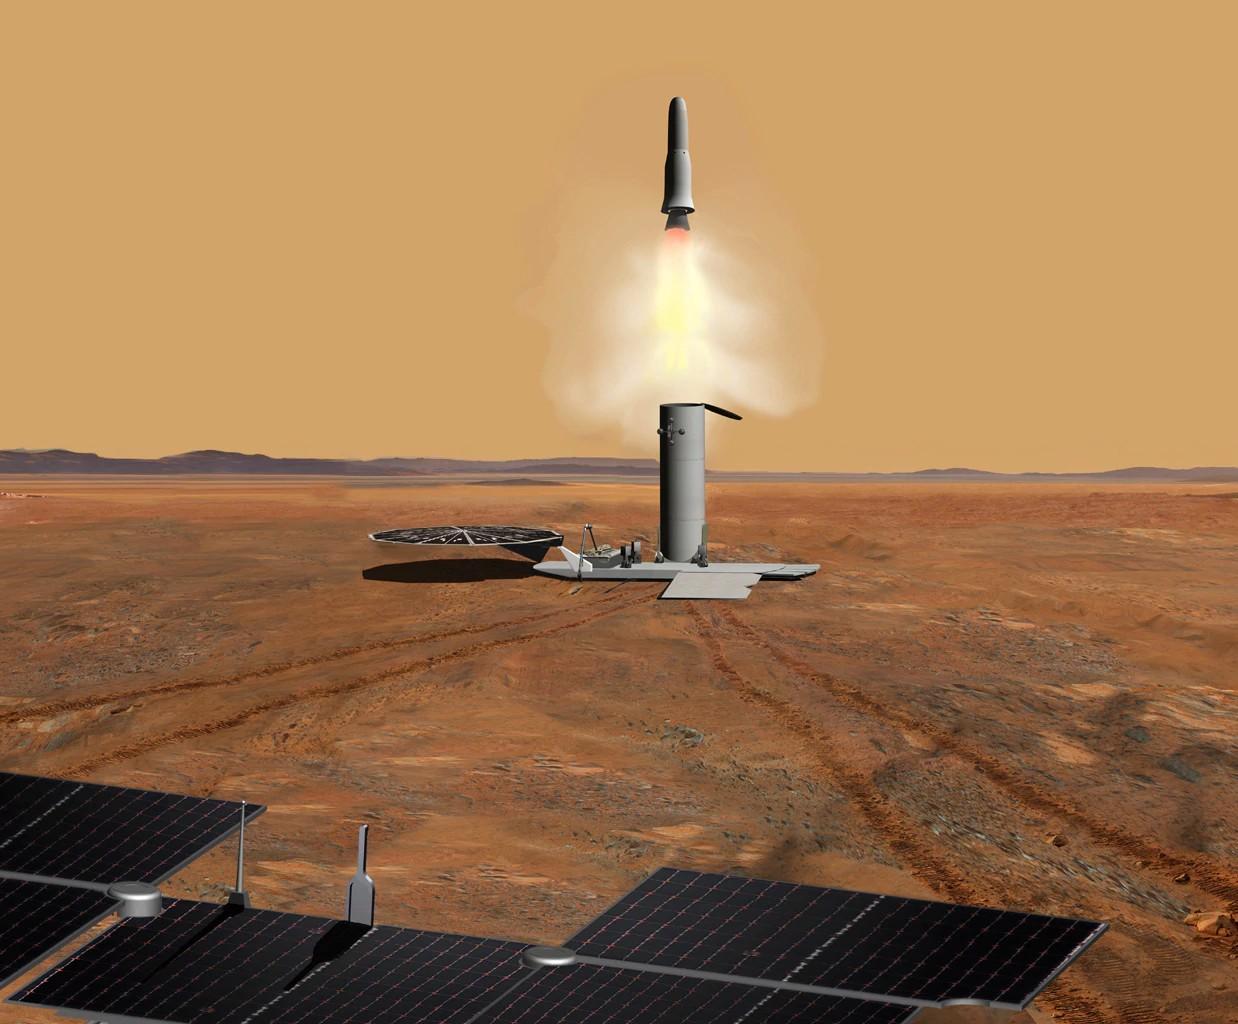 Airbus по заказу ESA займется разработкой ровера, который заберет образцы грунта с Марса